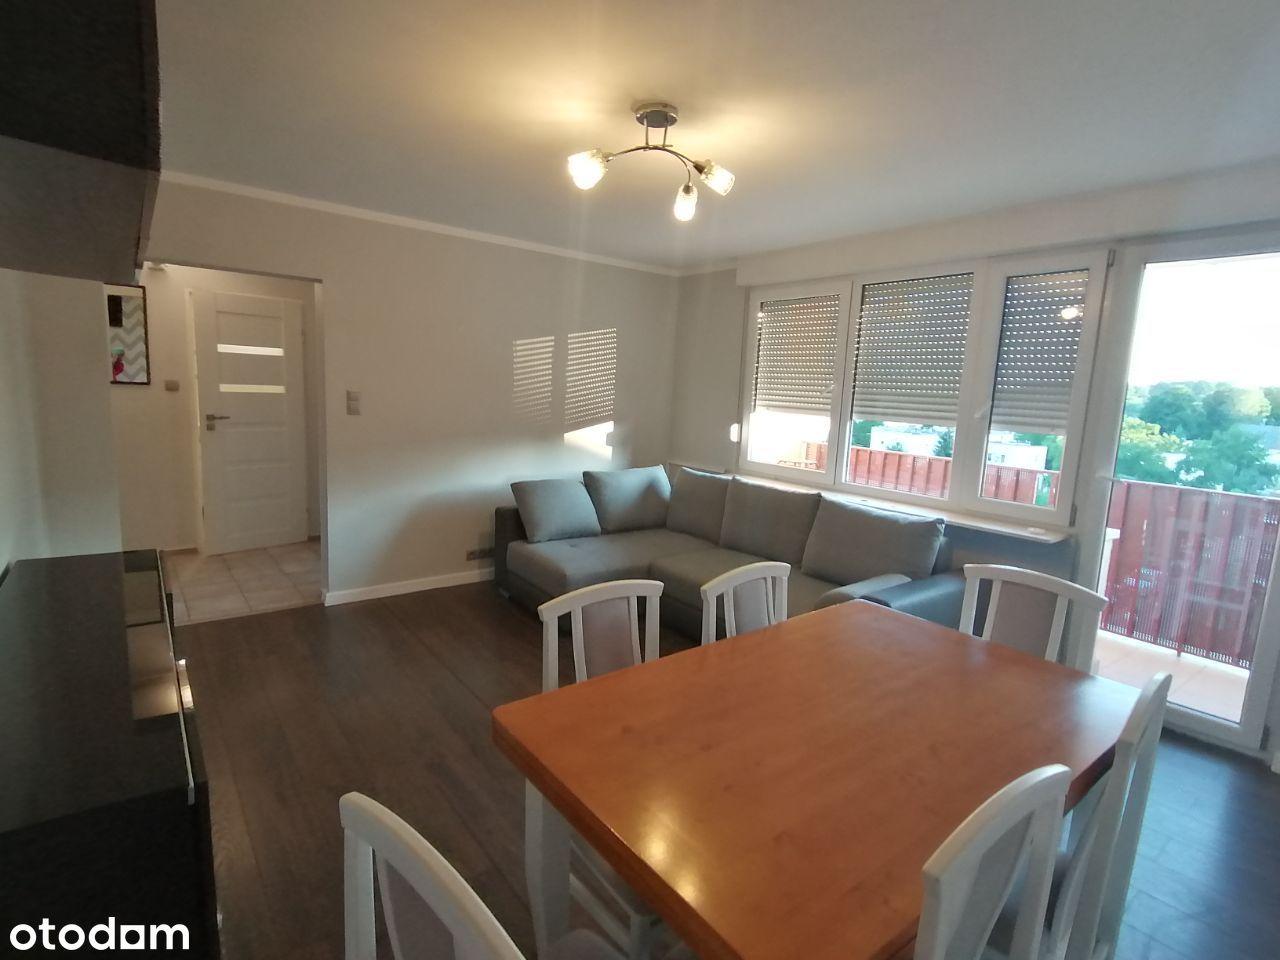 Mieszkanie 3 pokoje na sprzedaż z umeblowaniem